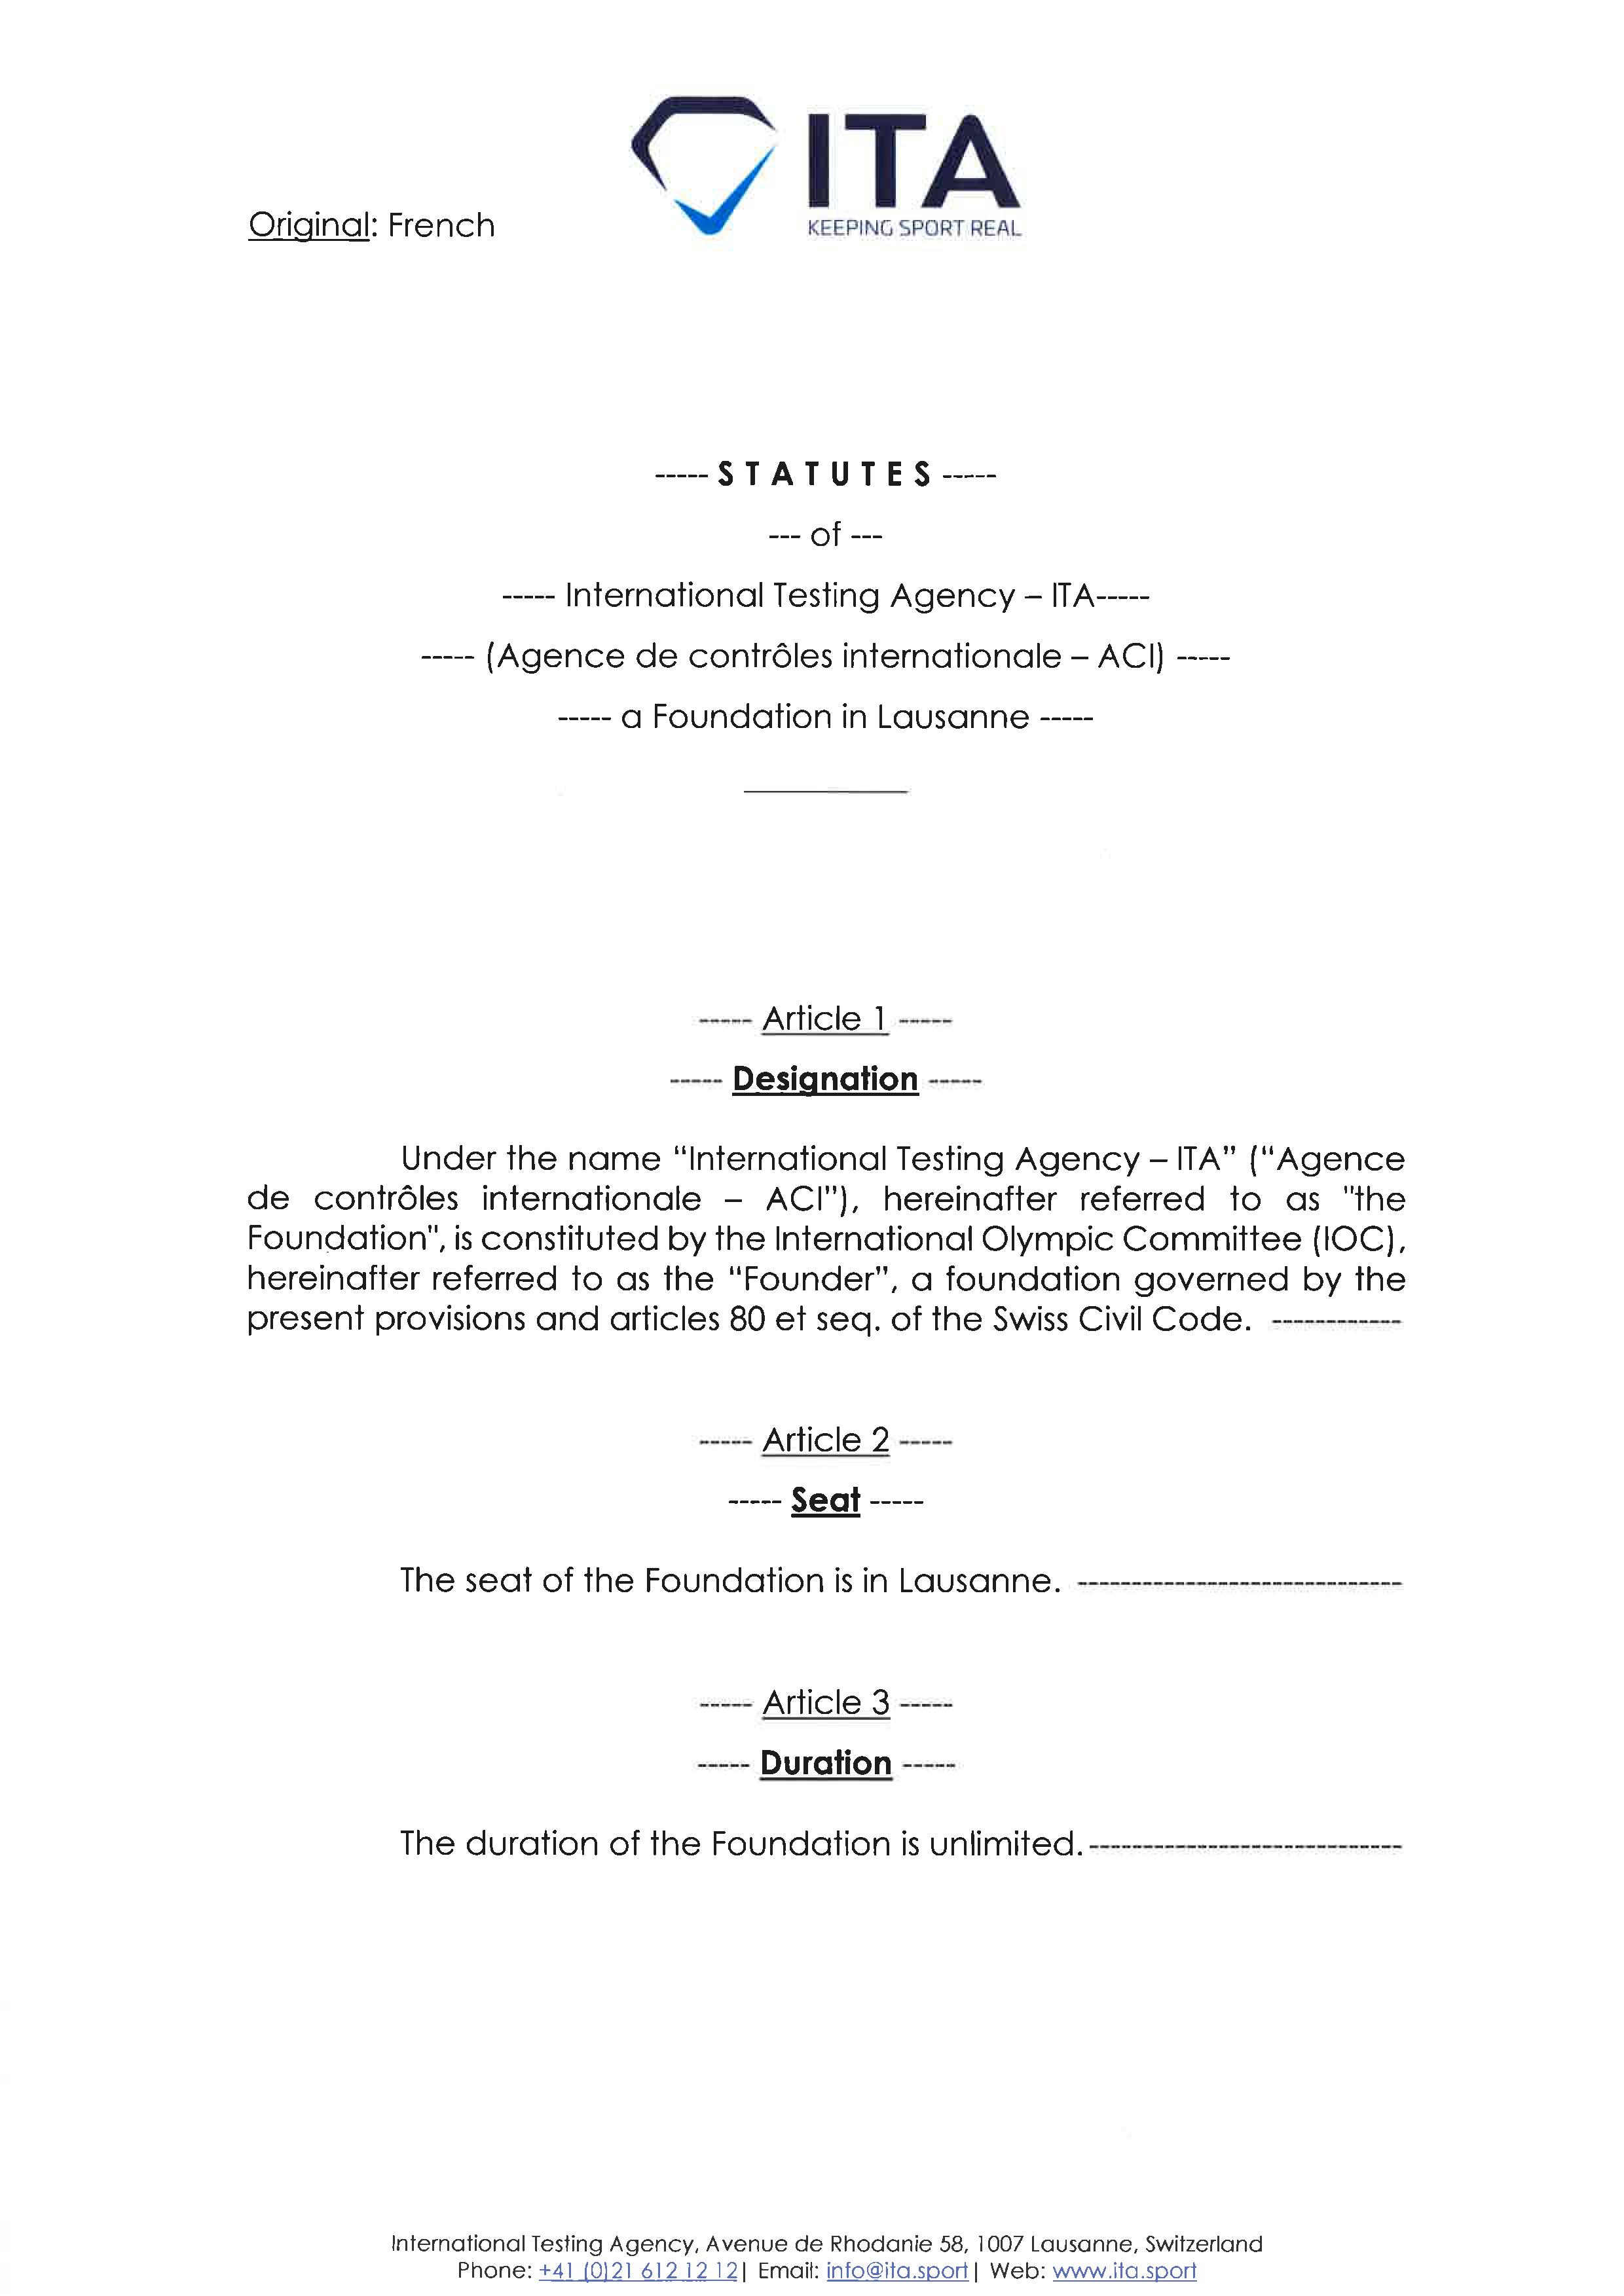 ITA Statutes